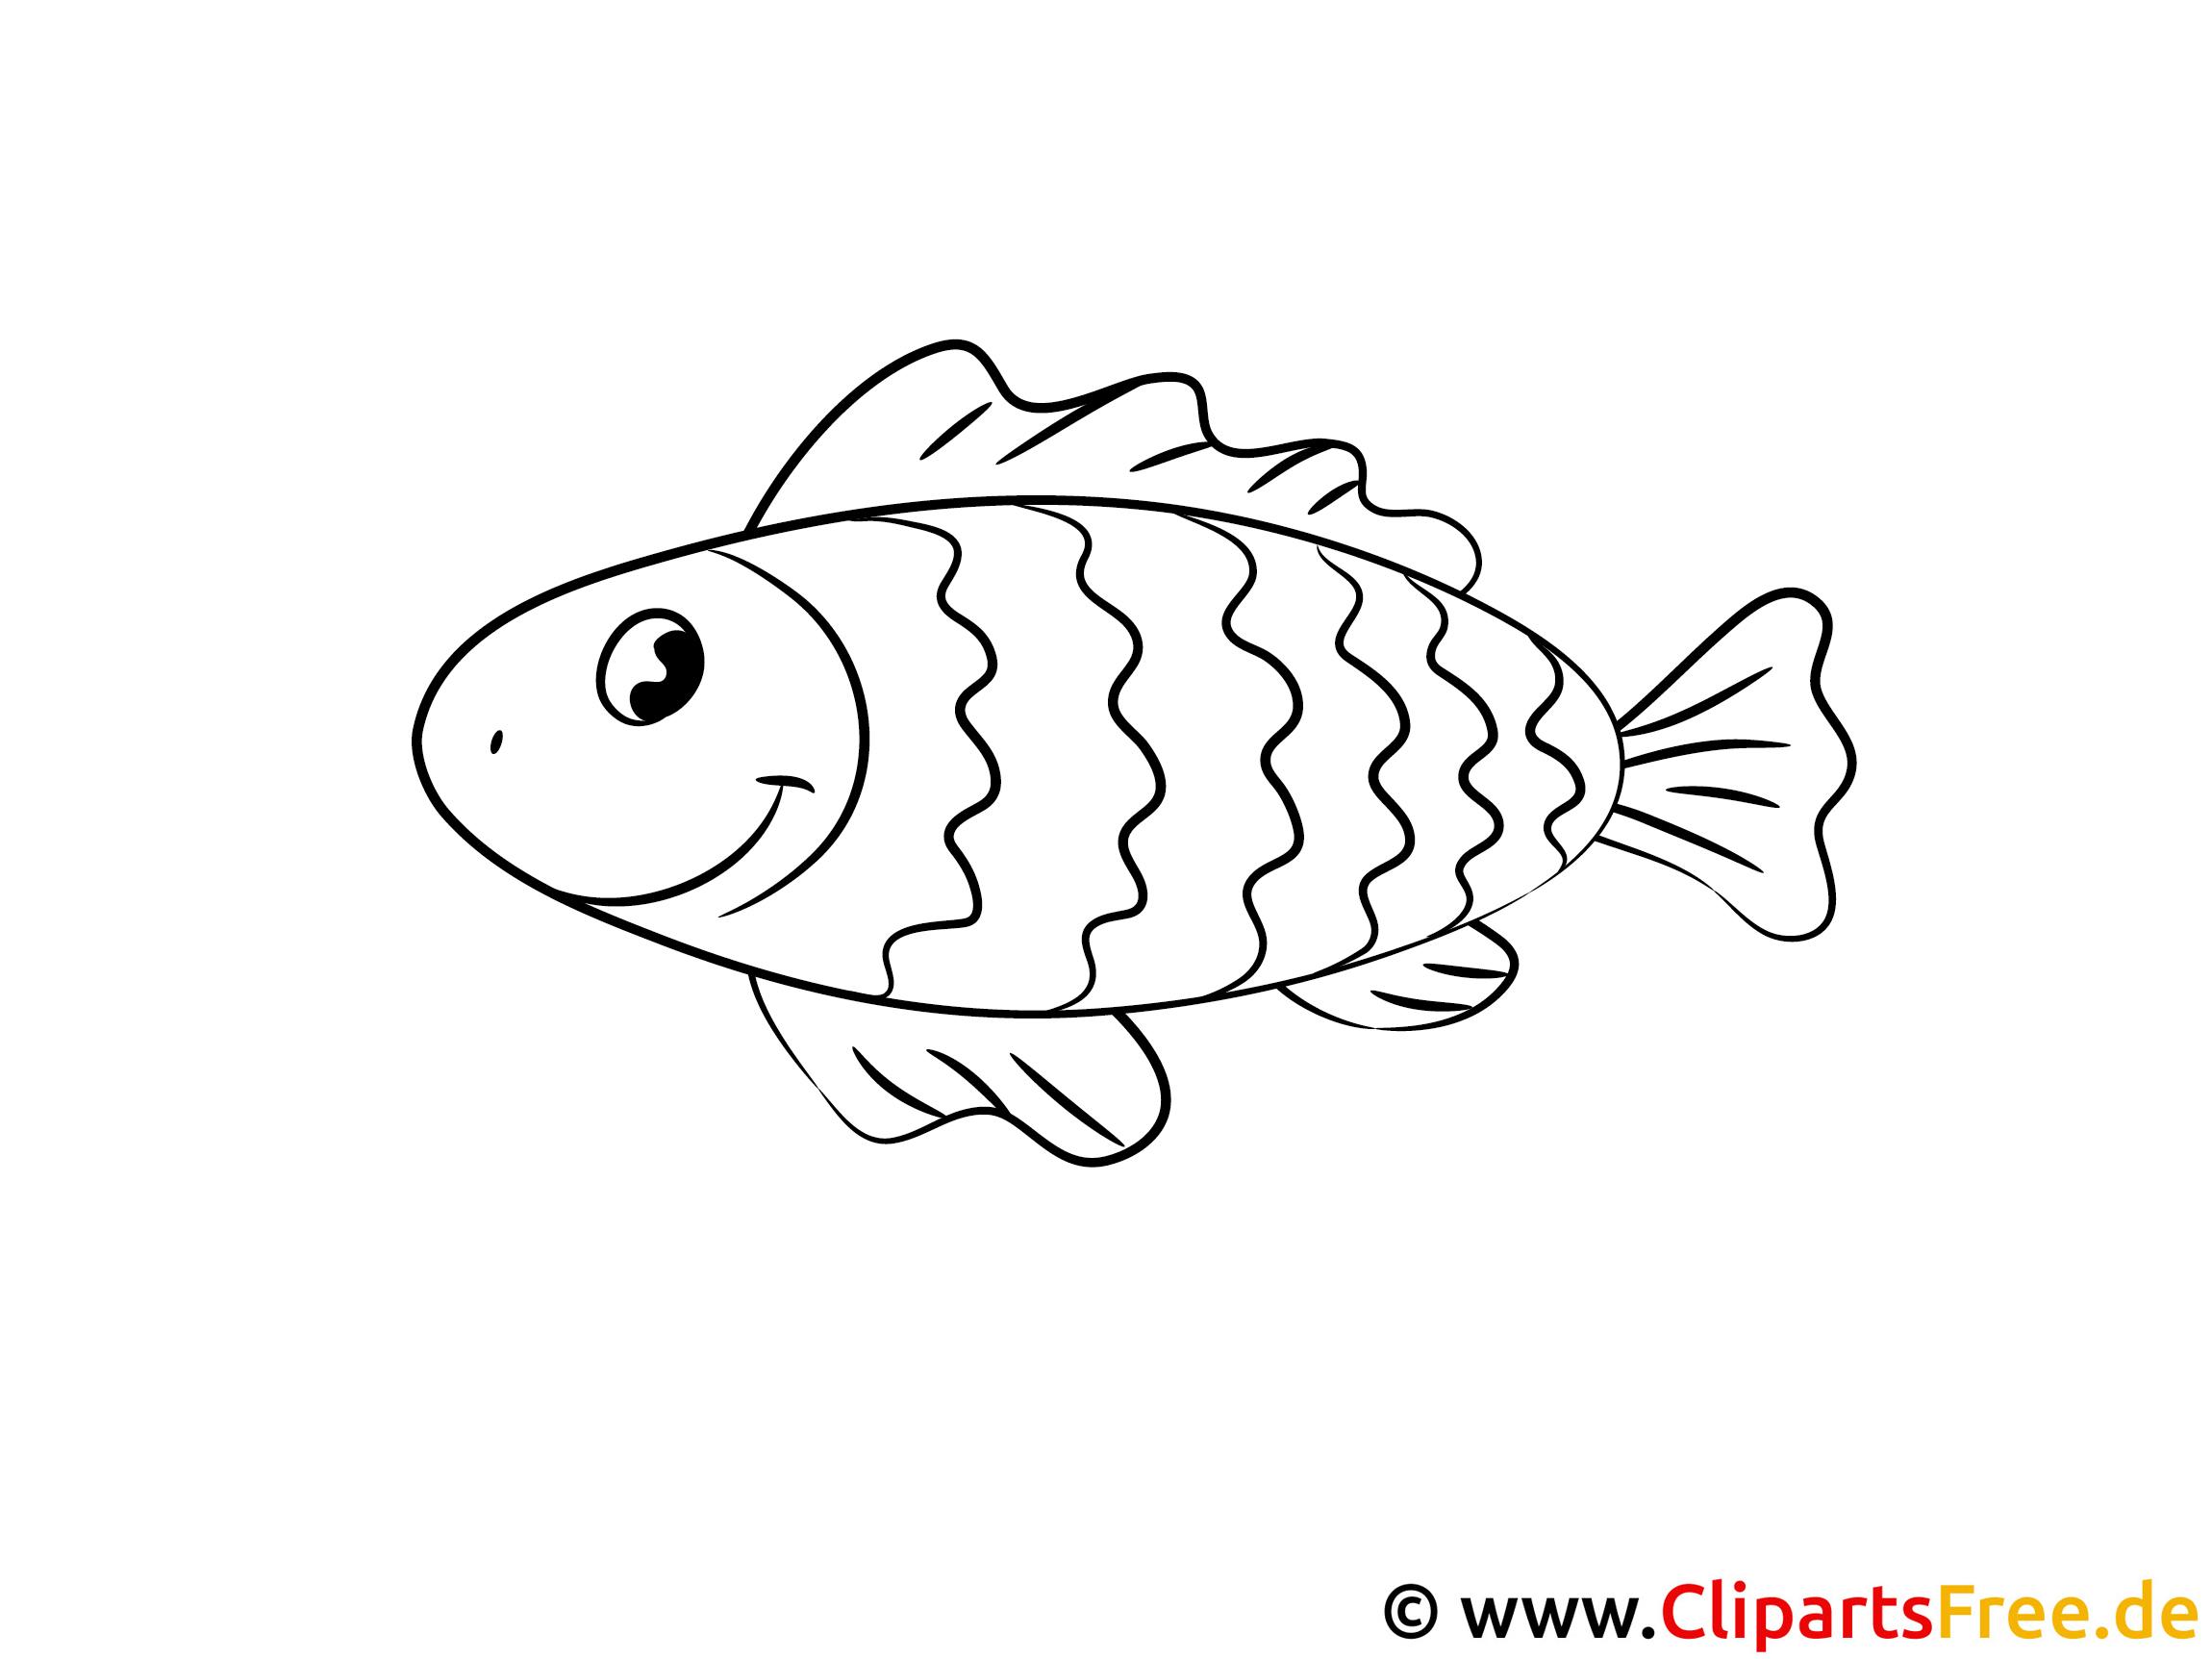 Fisch Ausmalbild